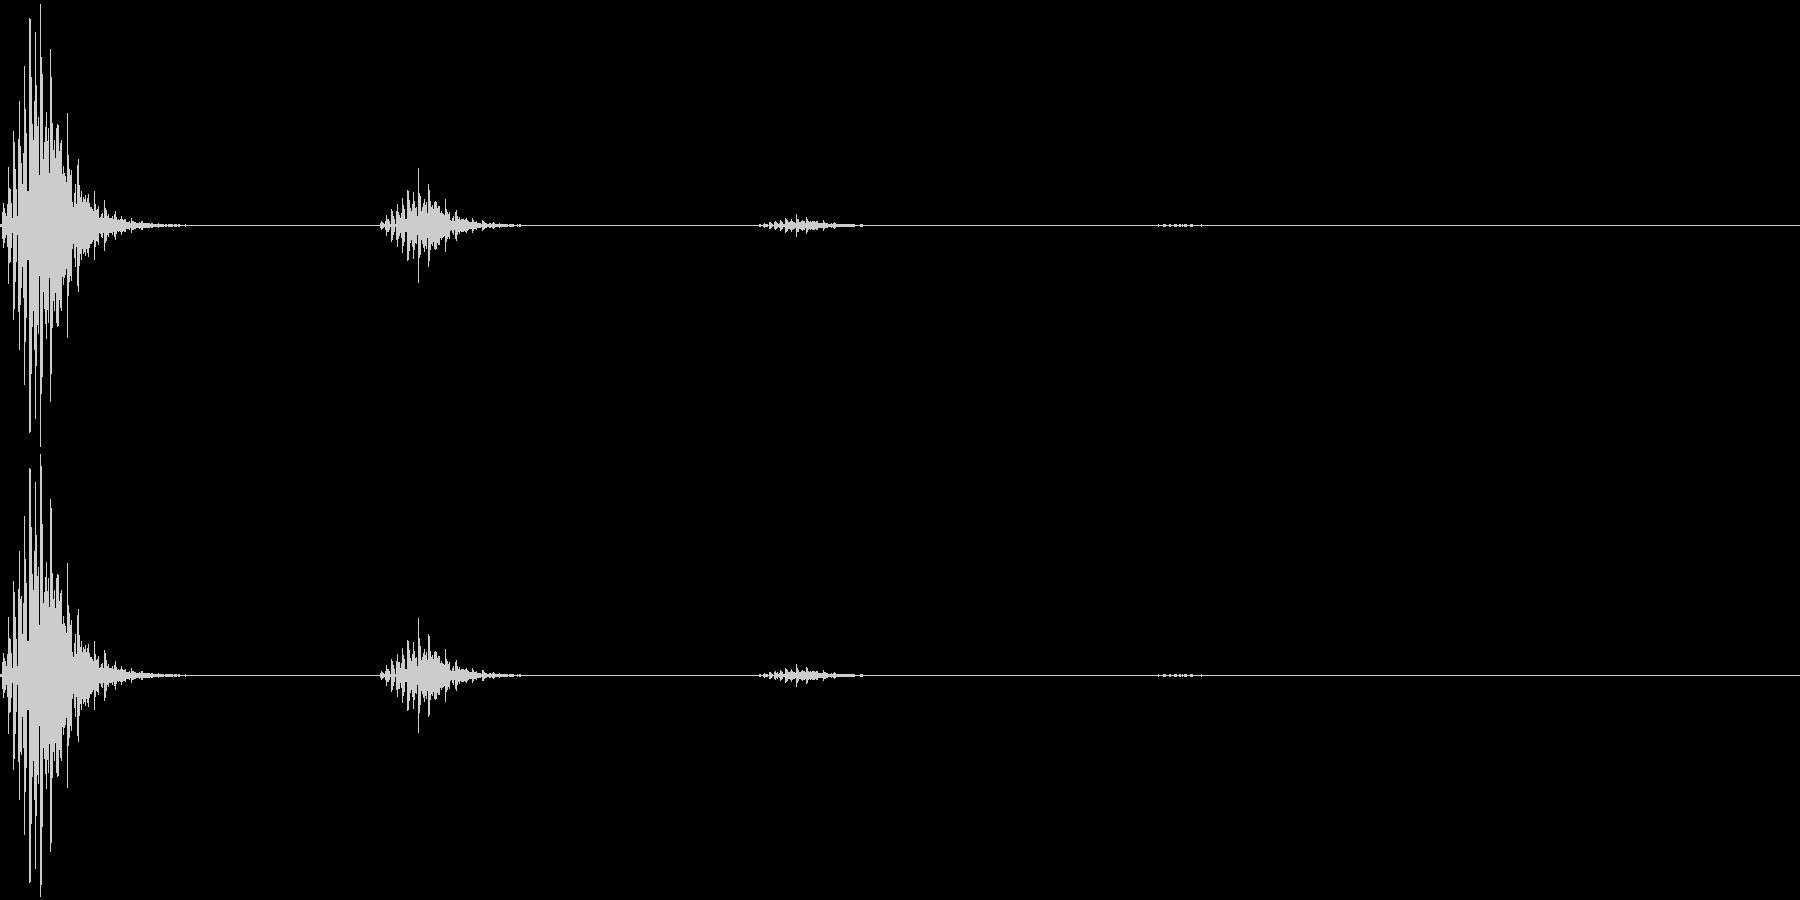 「ピッ(エコー付)」。クリック音の未再生の波形